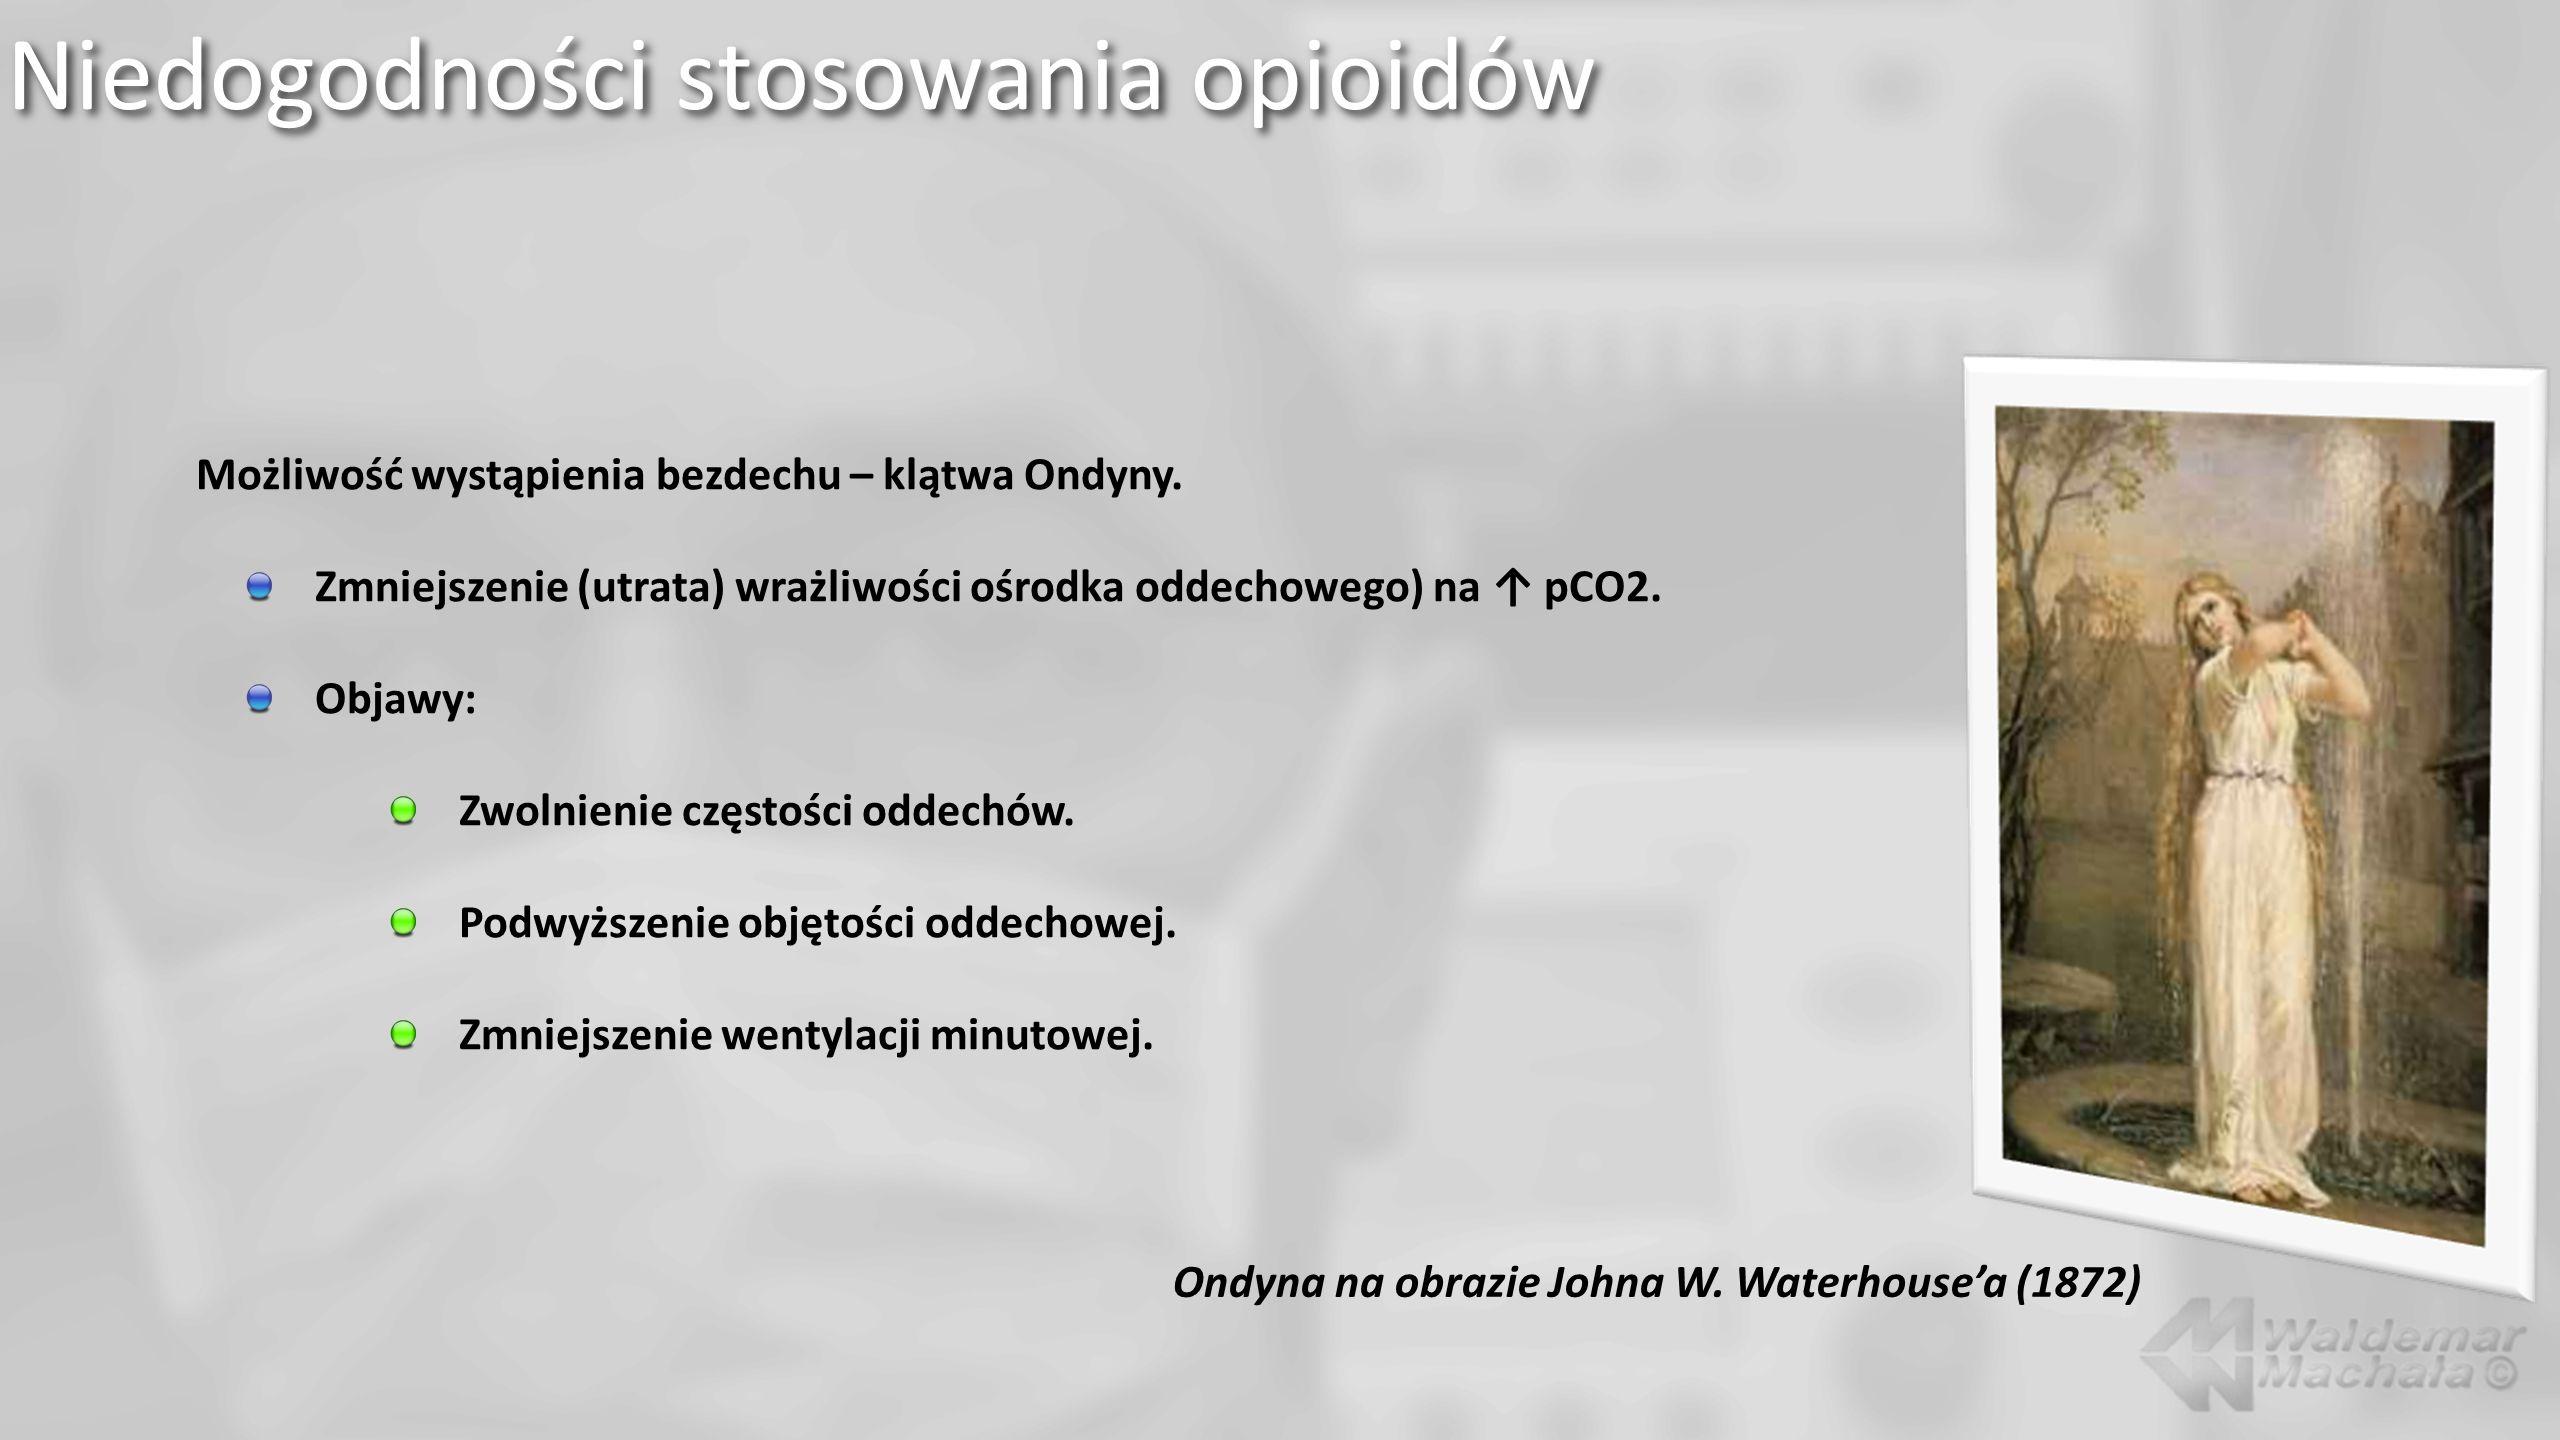 Niedogodności stosowania opioidów Możliwość wystąpienia bezdechu – klątwa Ondyny. Zmniejszenie (utrata) wrażliwości ośrodka oddechowego) na pCO2. Obja